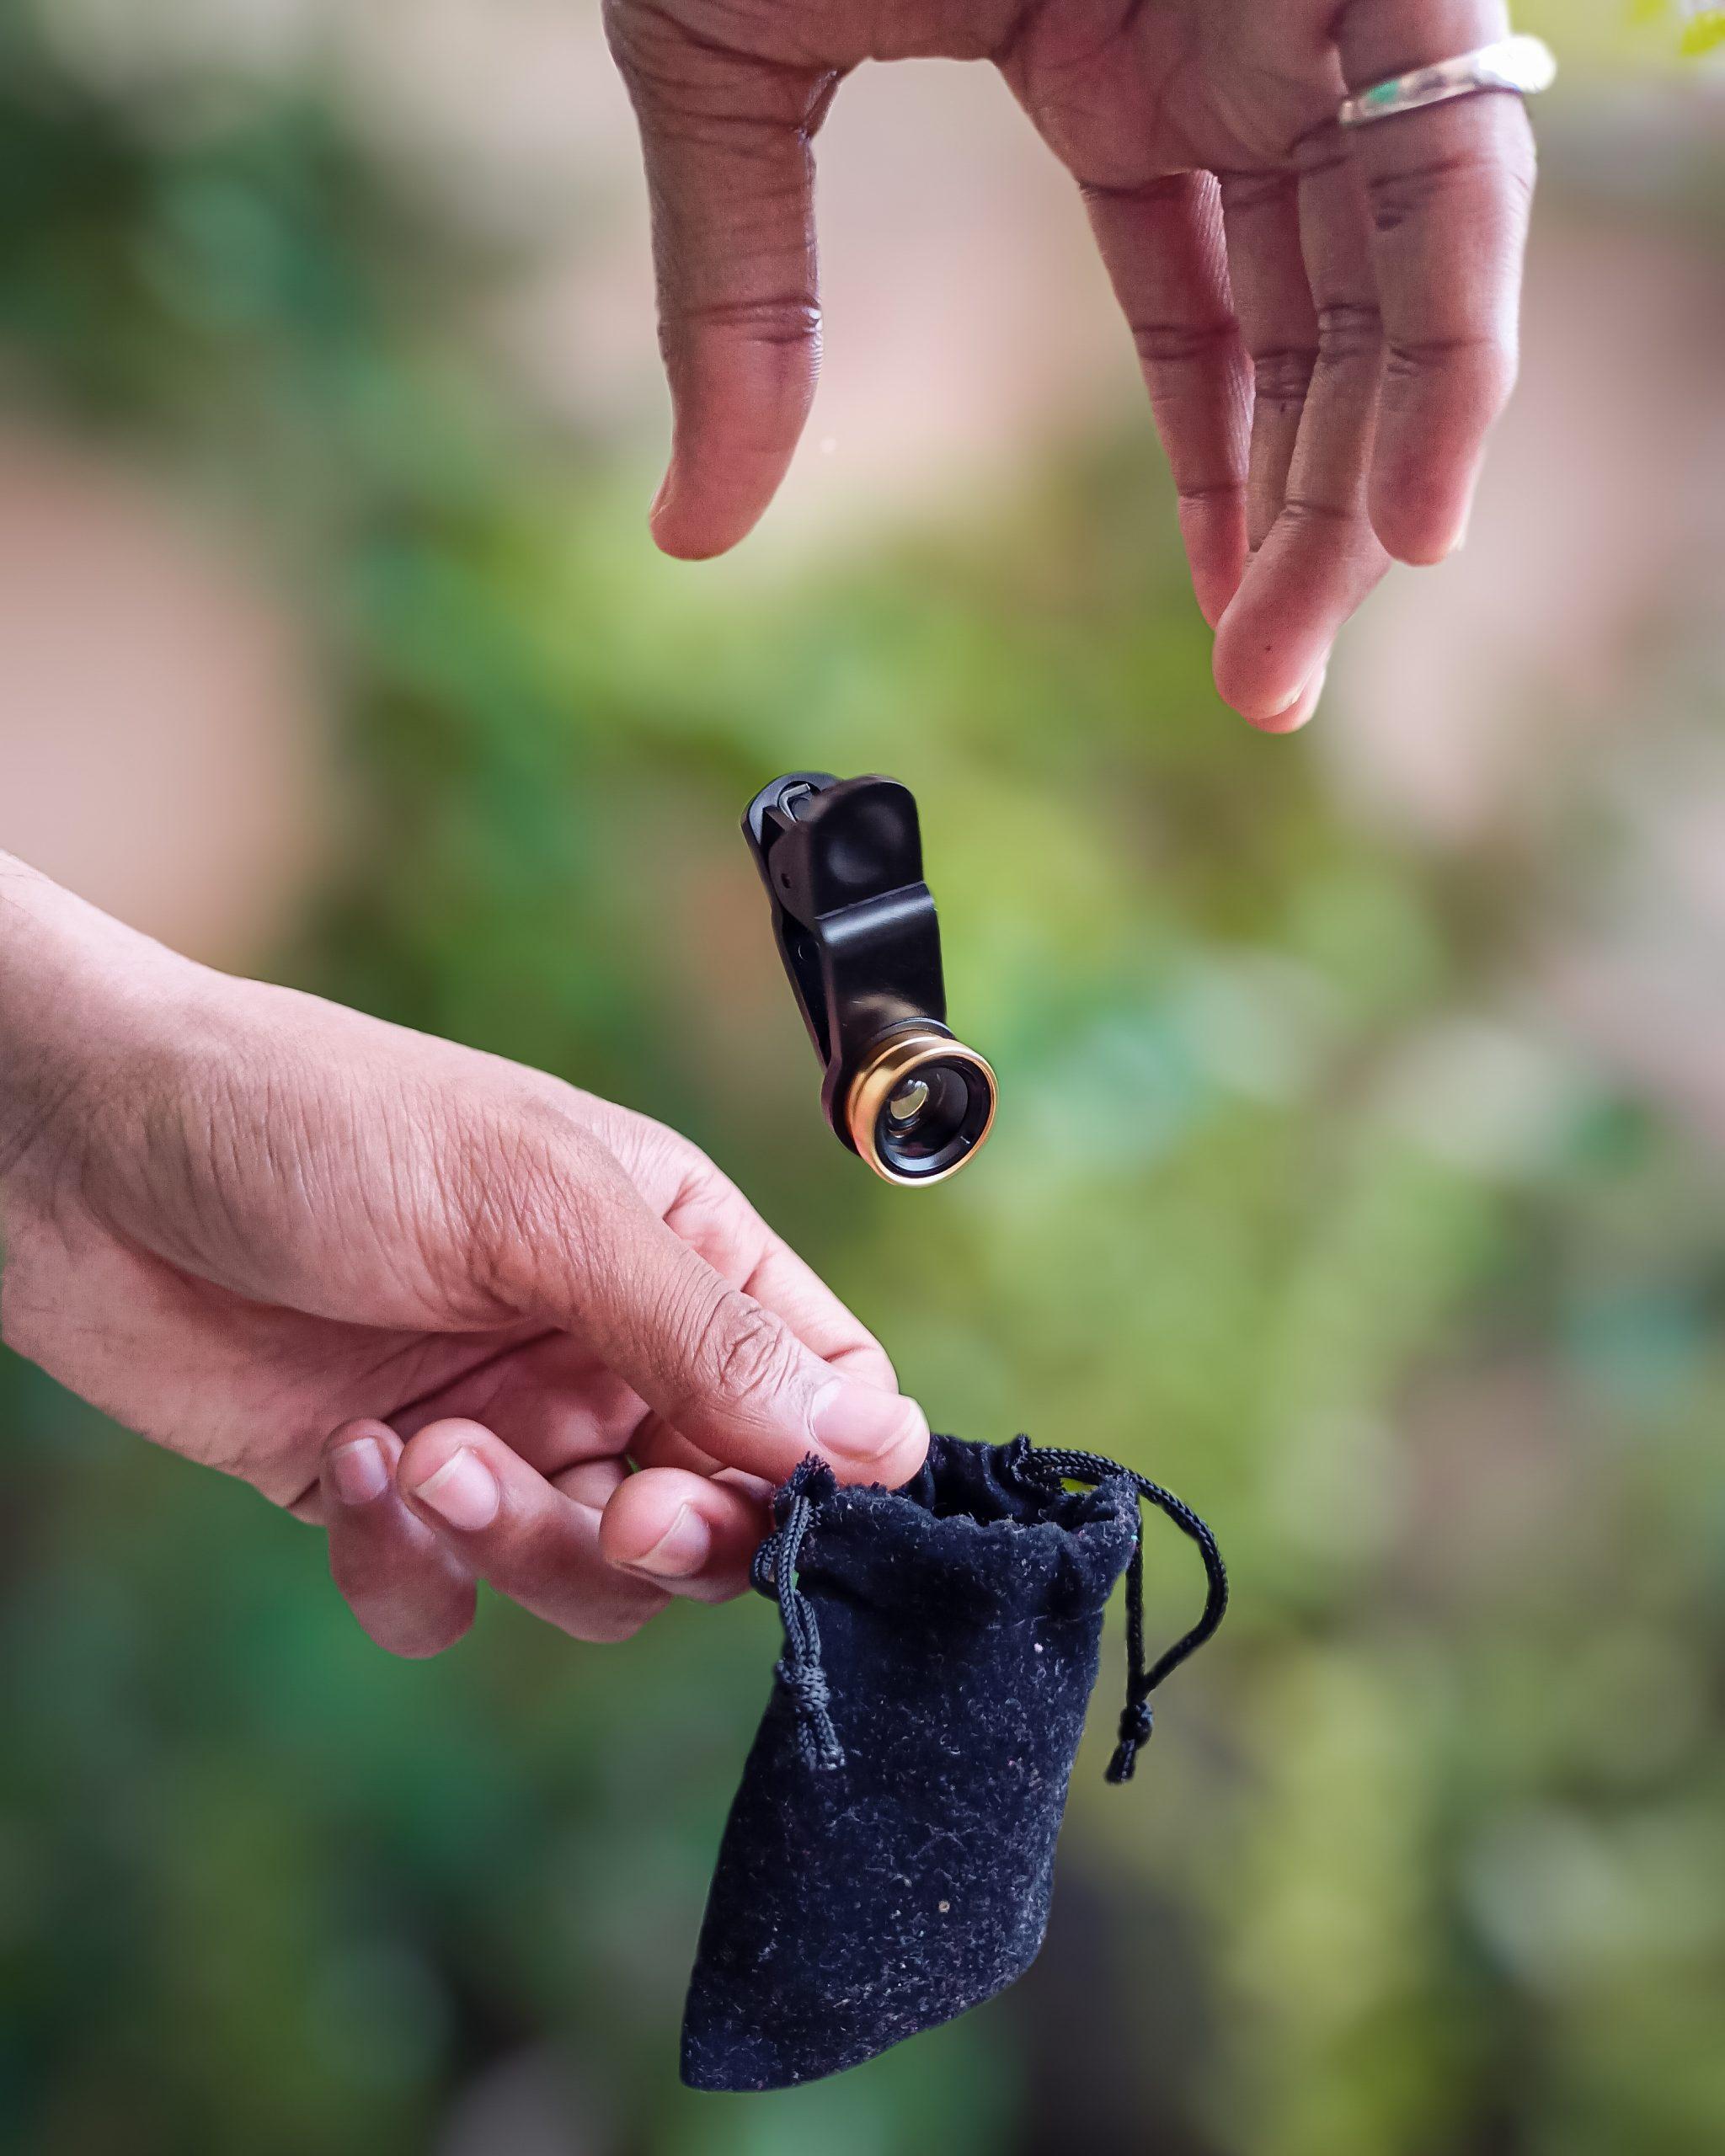 Lens falling inside a pouch